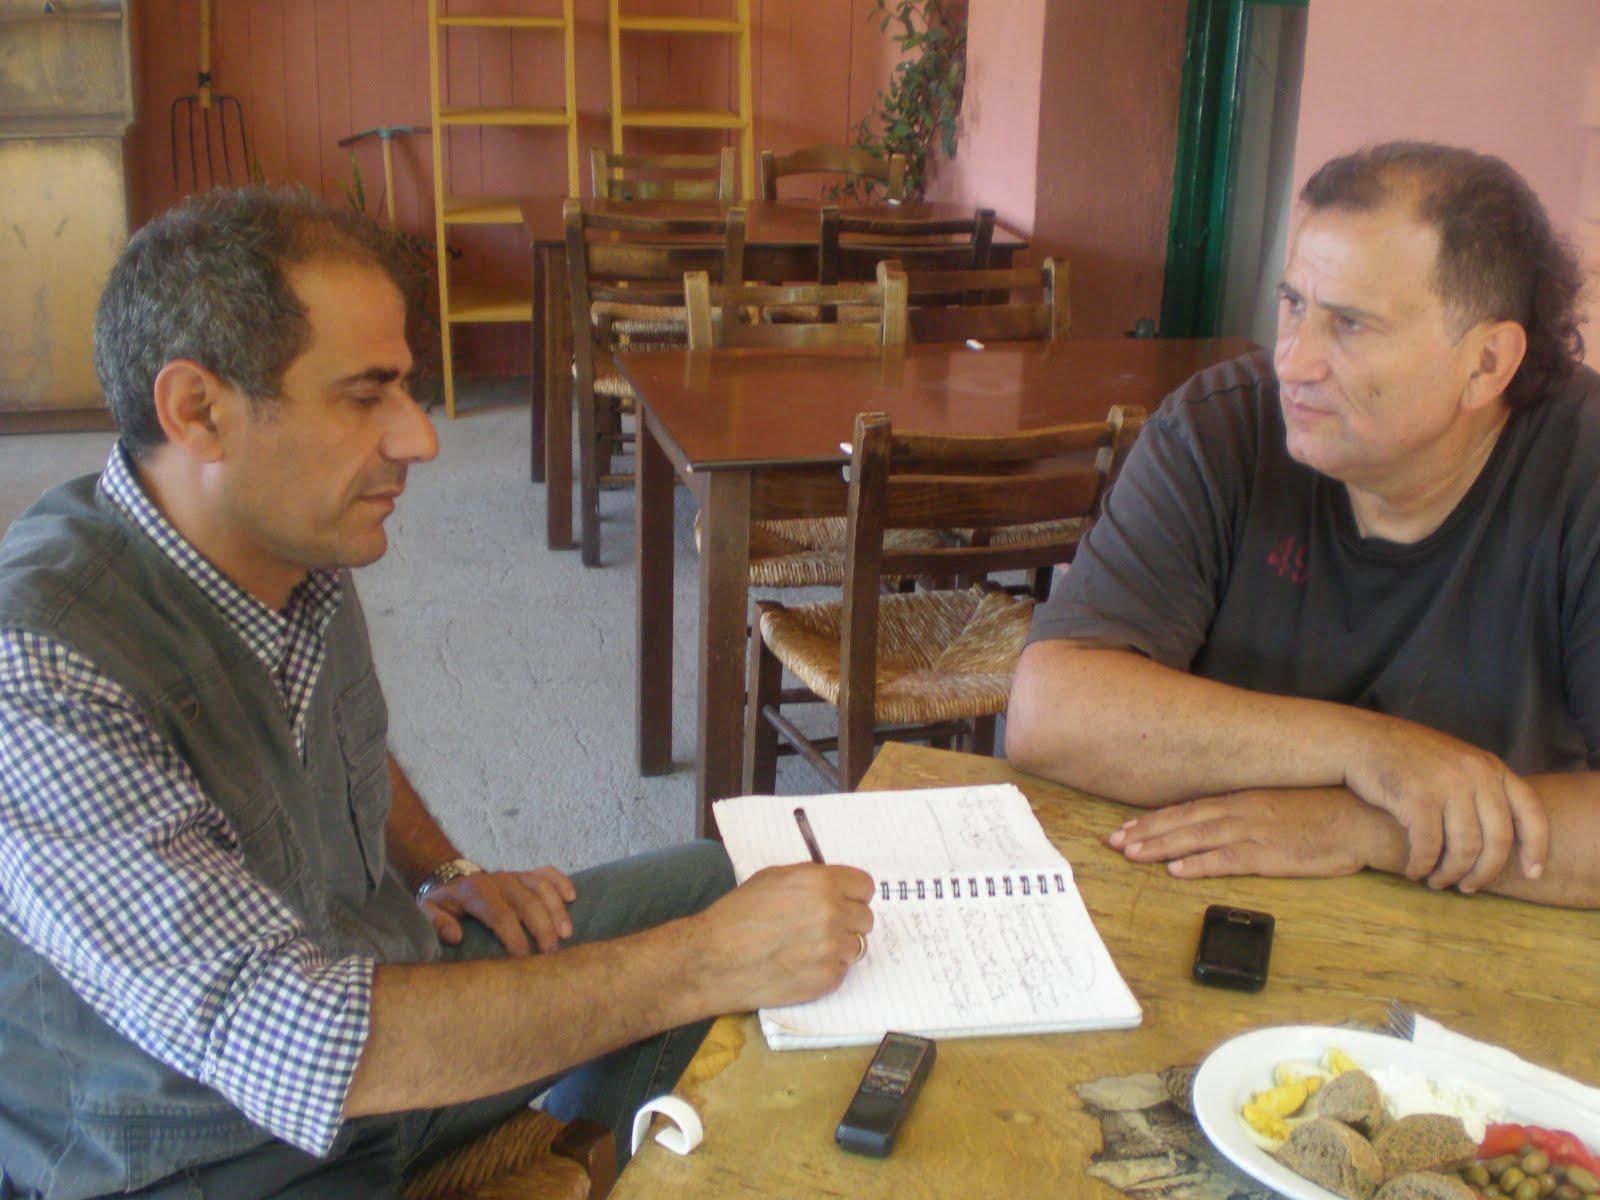 12 Ιουνίου 2015. Σε έρευνα για την καταστροφή της ζωικής παραγωγής της Κρήτης